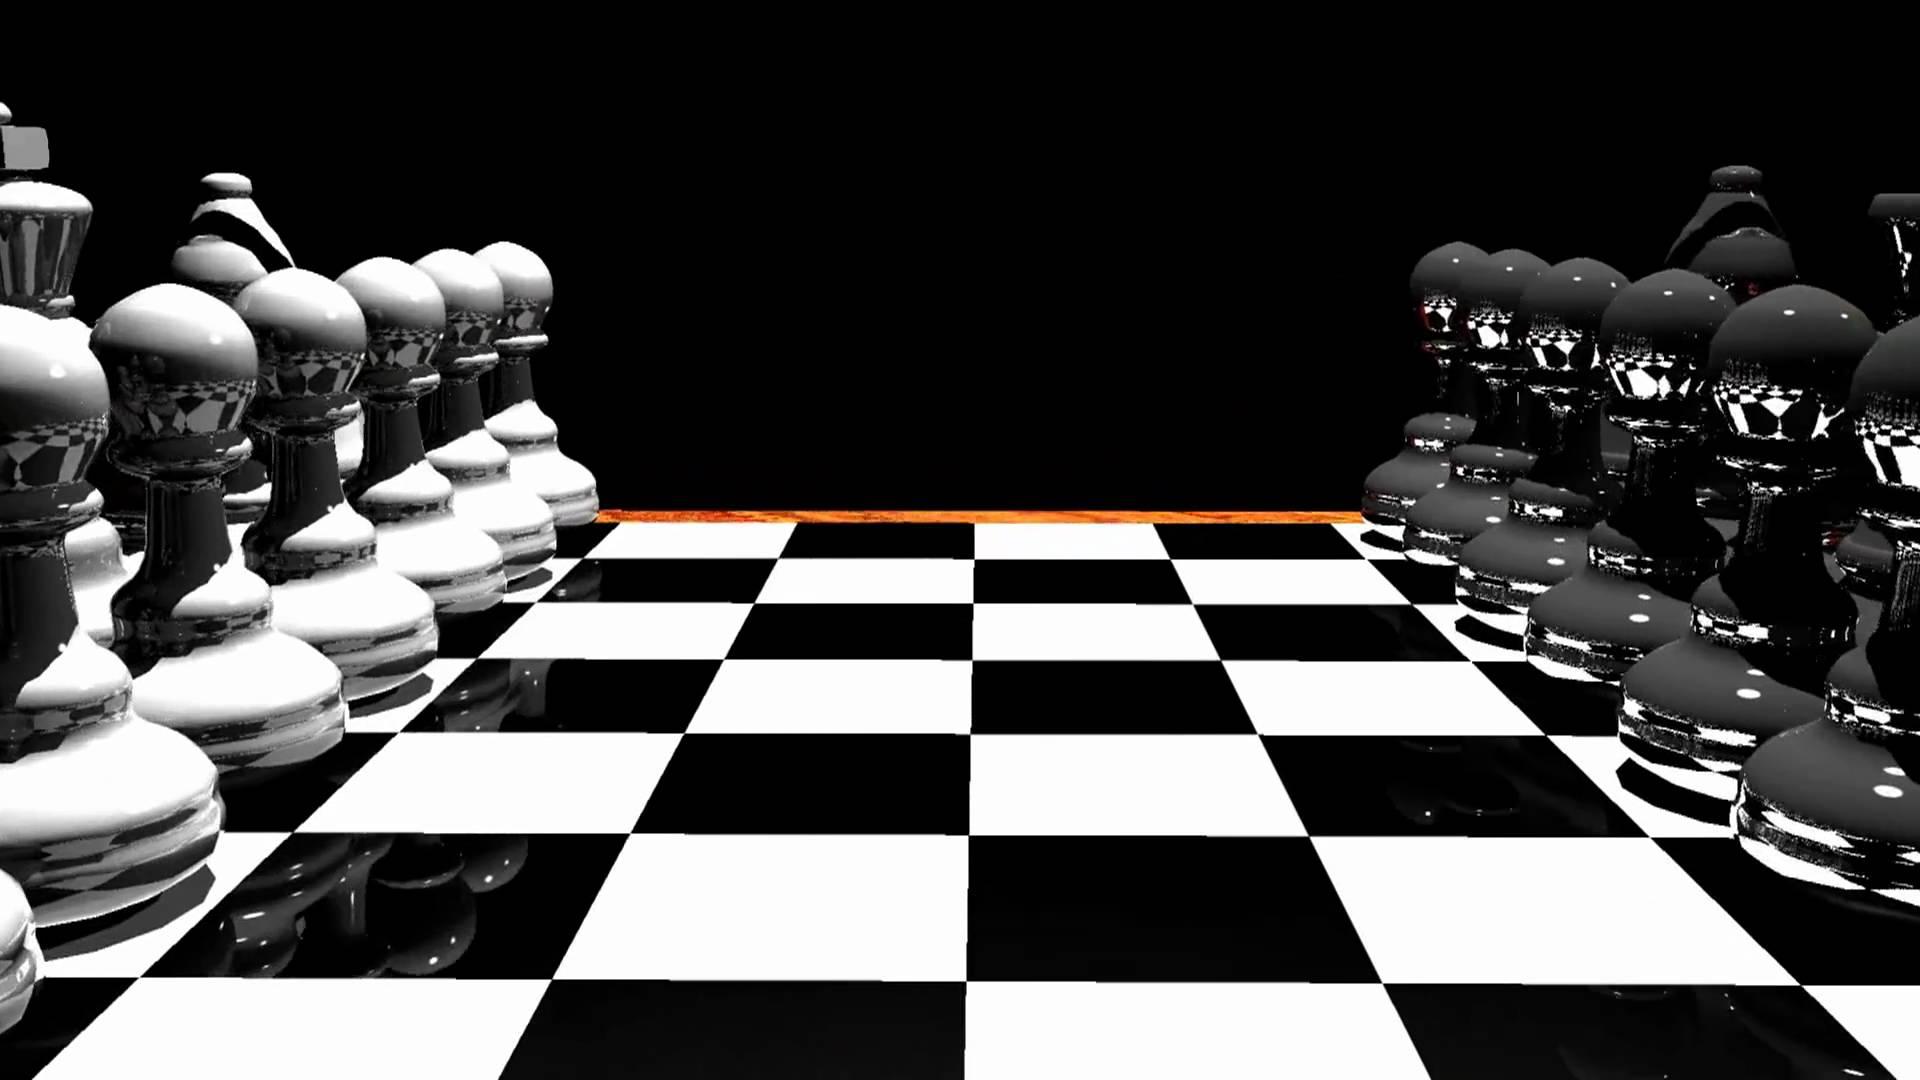 Chess Desktop Wallpaper 49454 1920x1080 px HDWallSourcecom